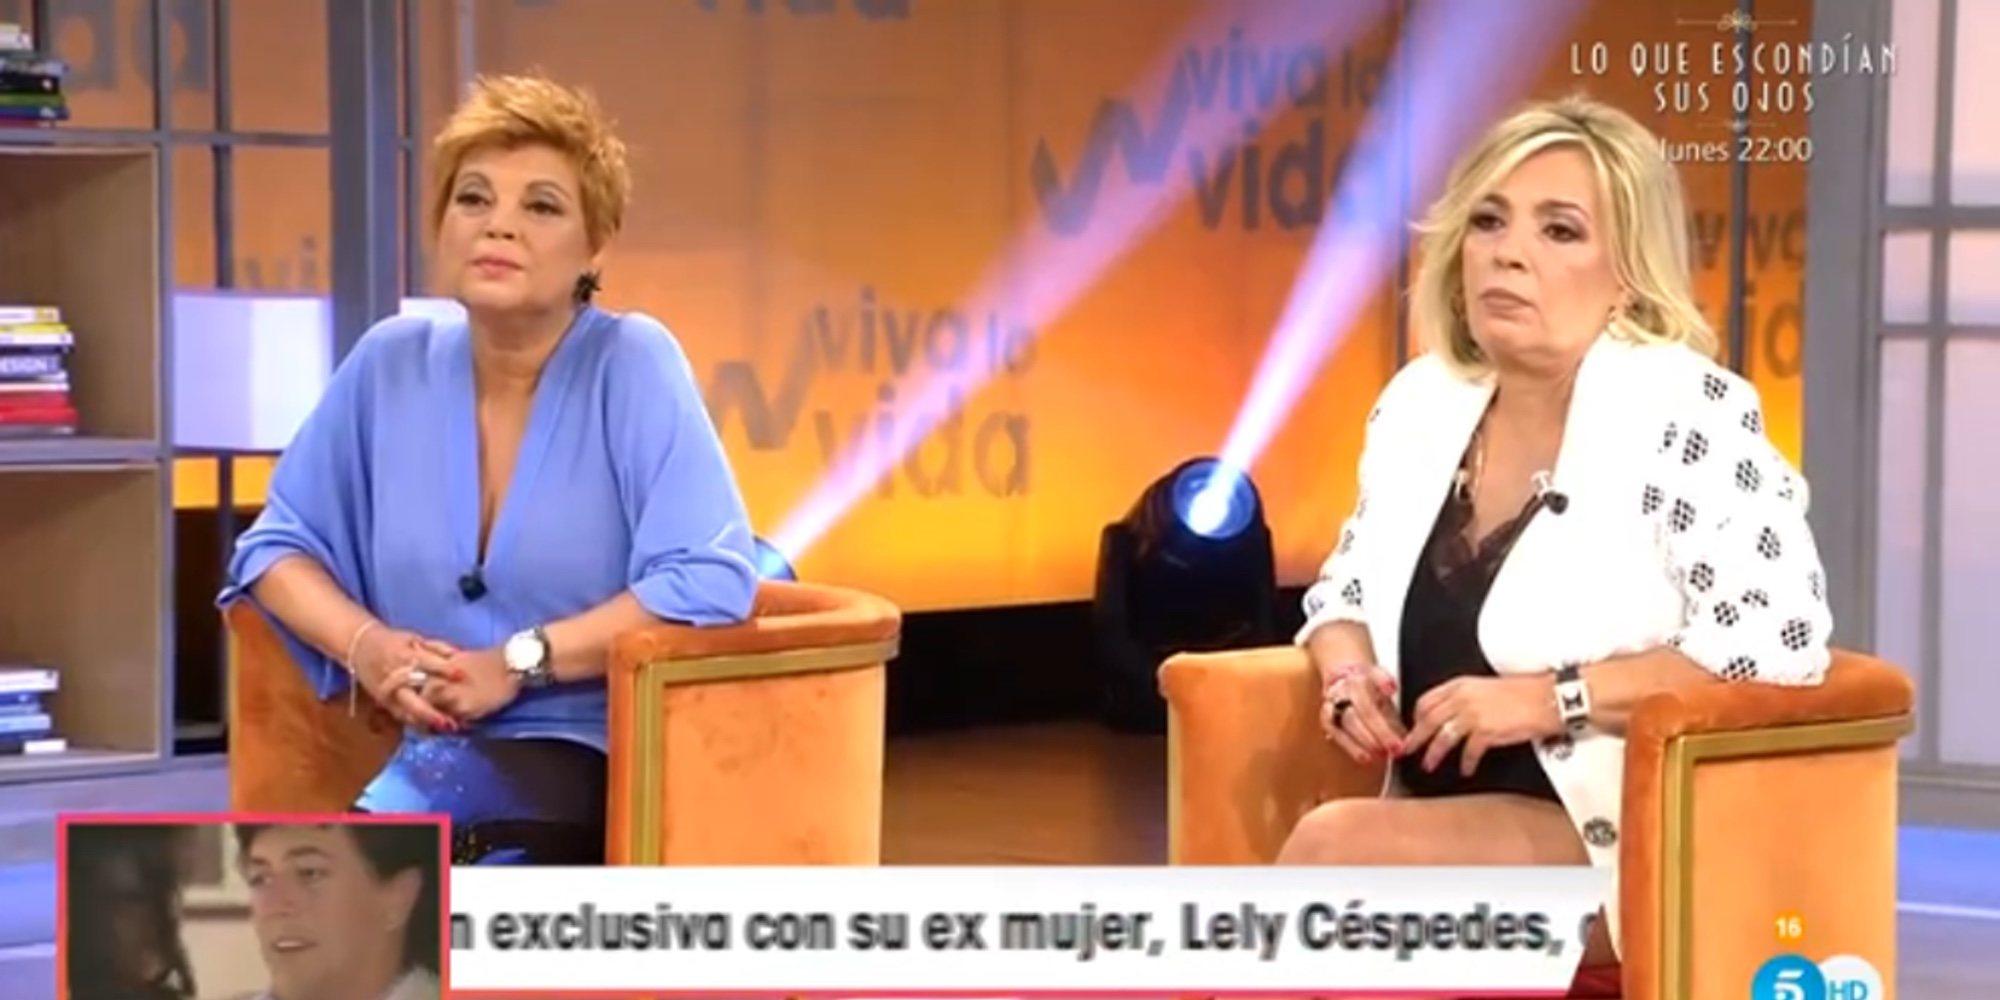 Santiago Segura desmiente que vaya a hacer una película con las Campos como protagonistas